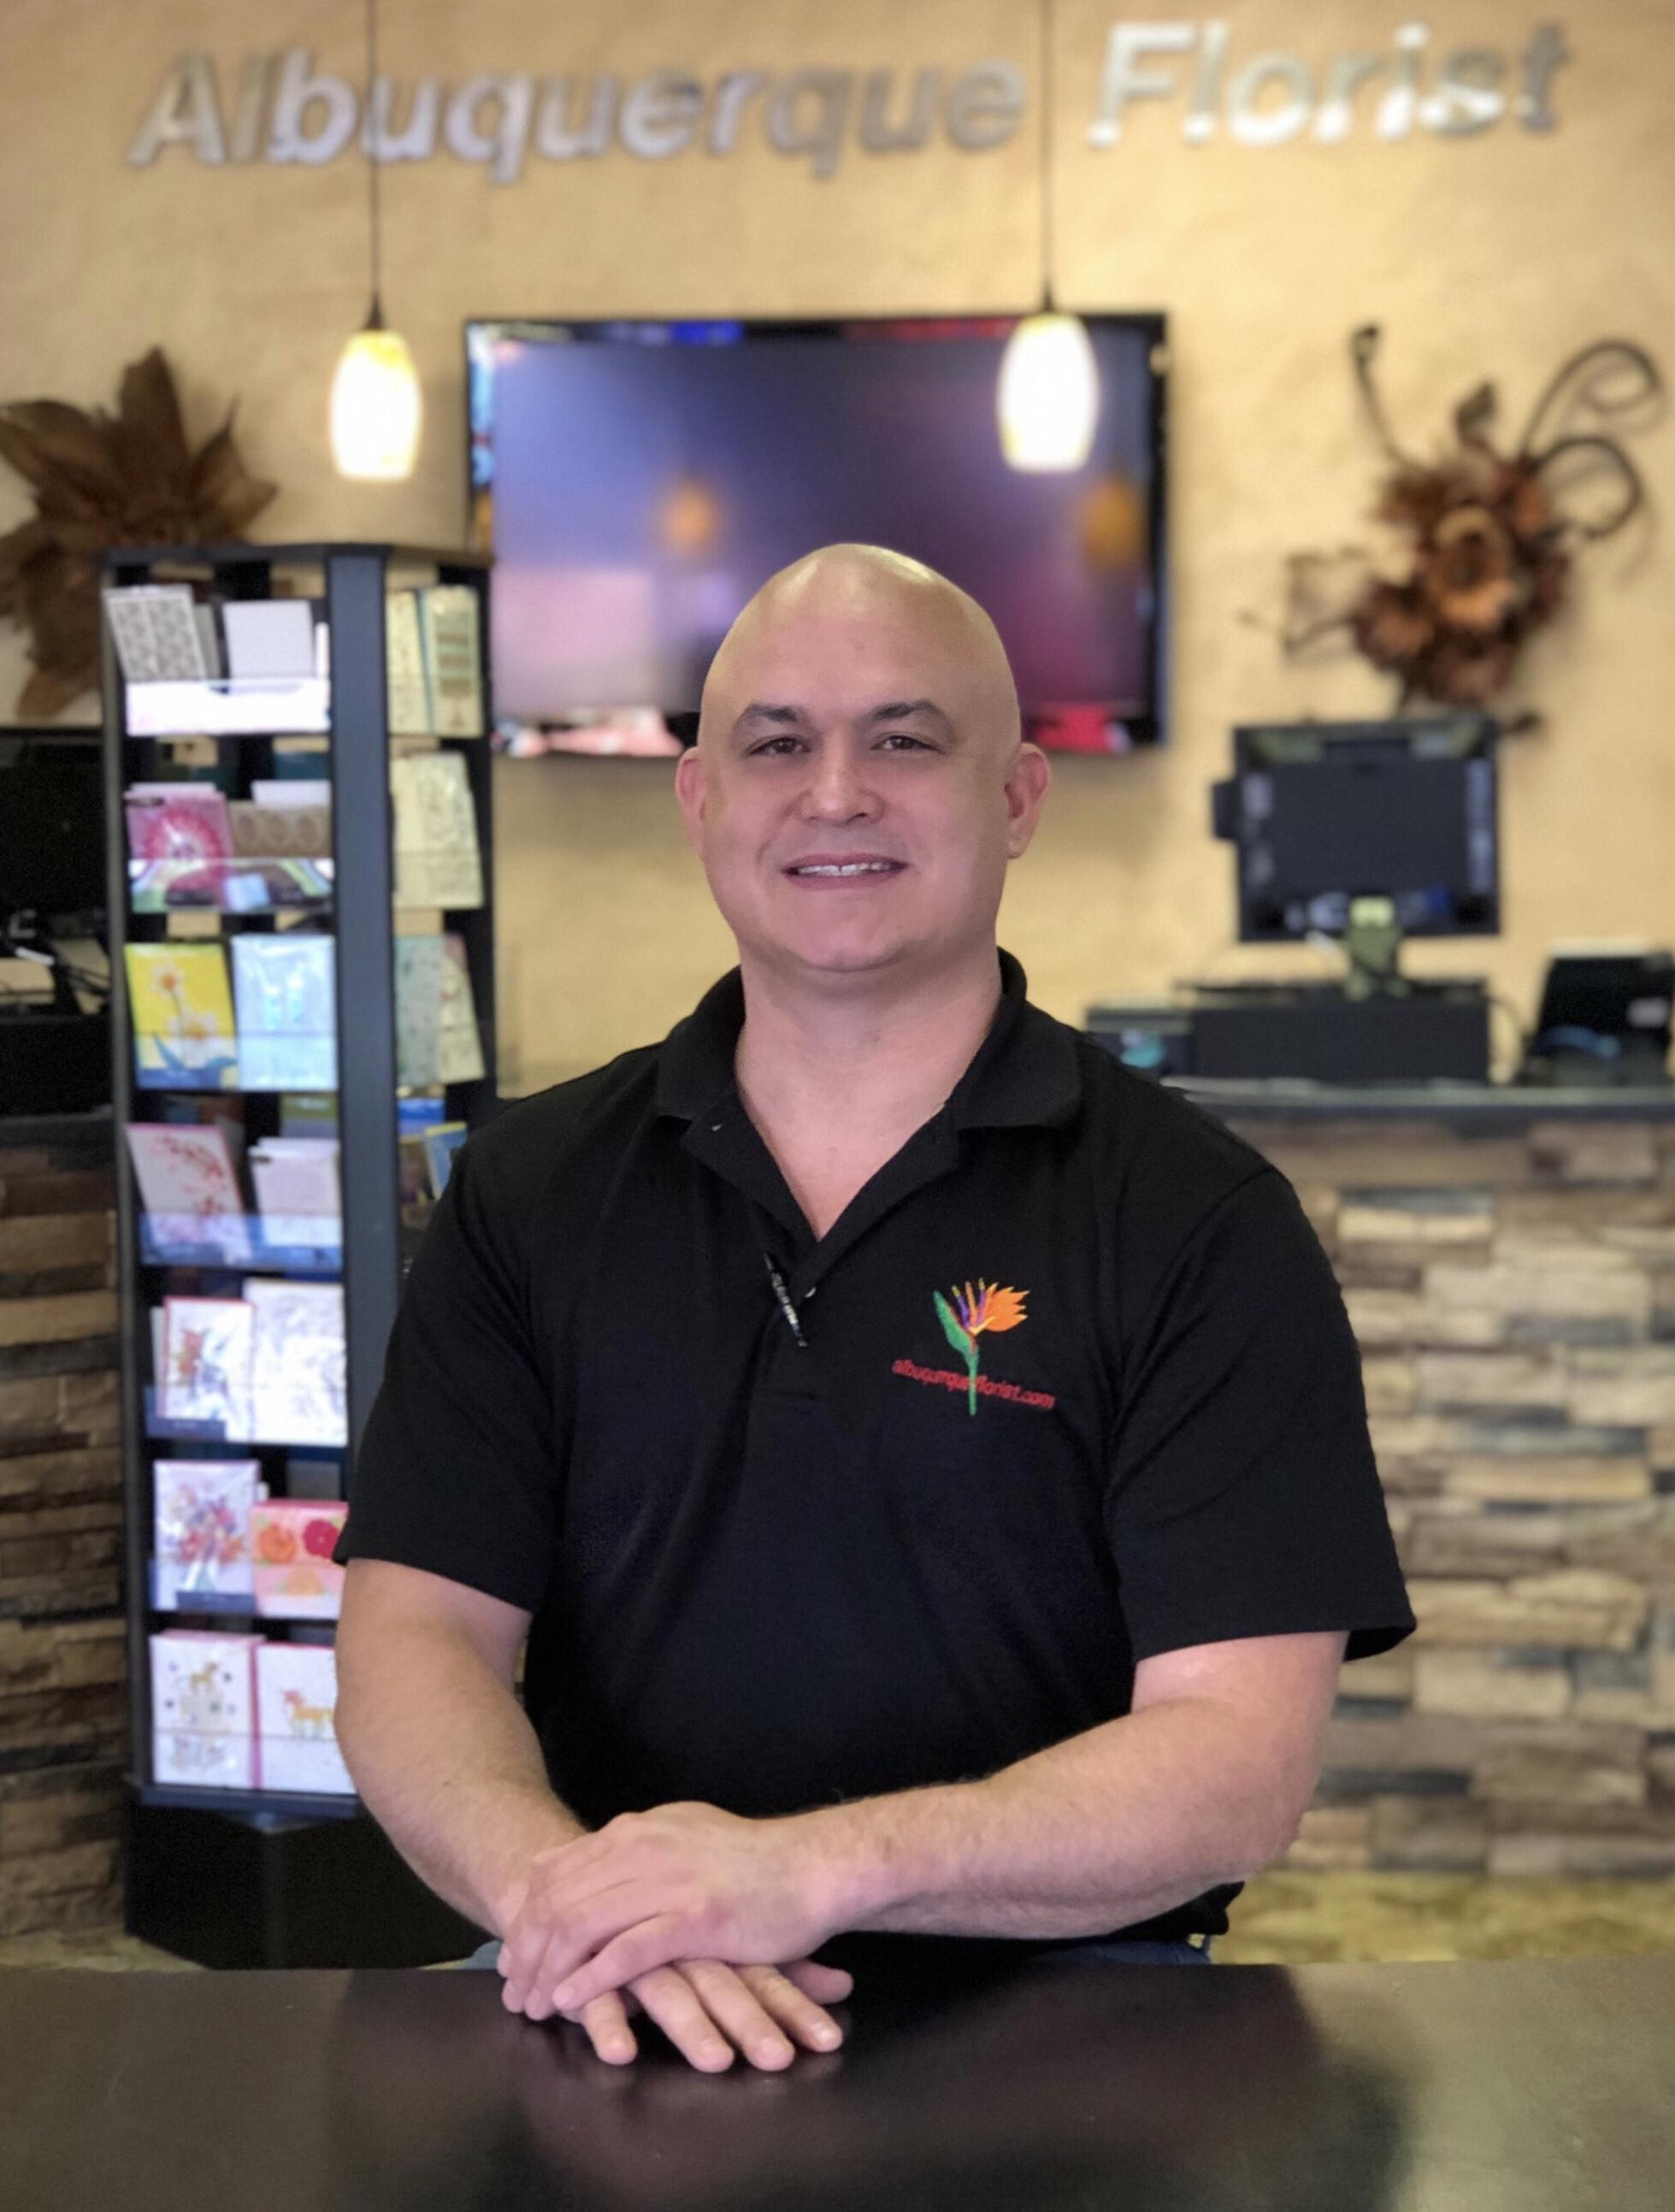 Brennen Rigler, President/CEO of Albuquerque Florist